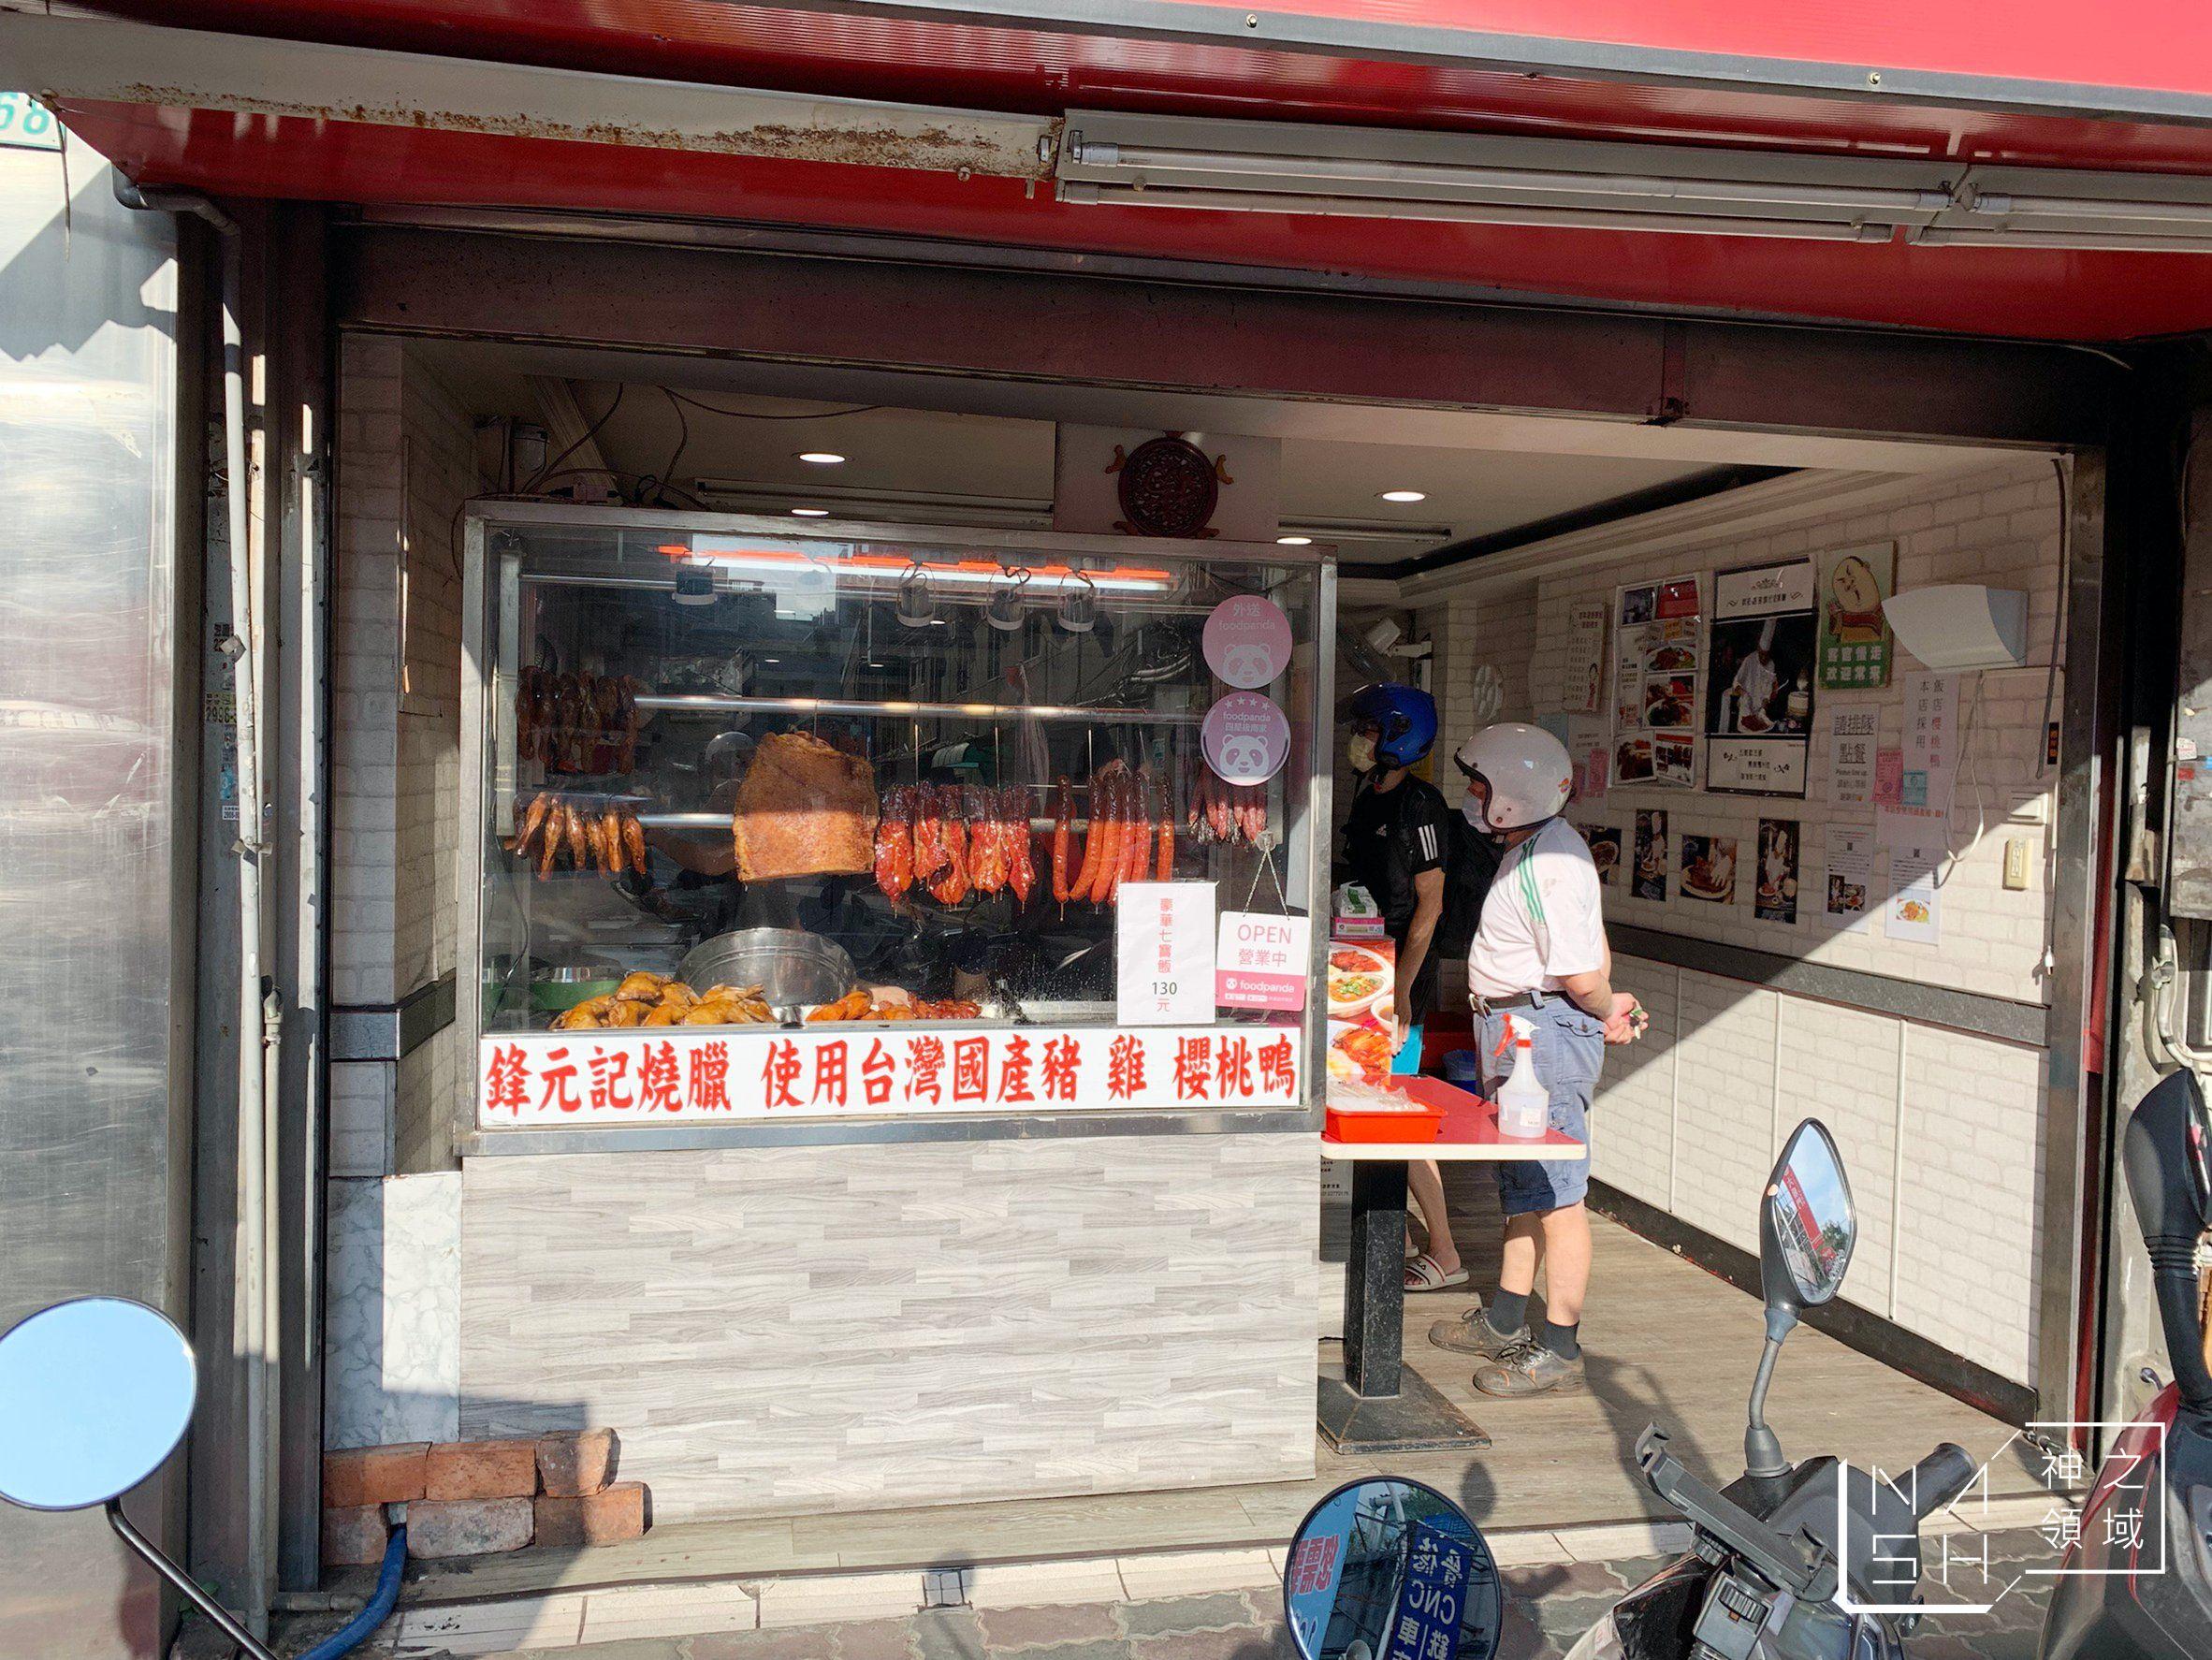 新莊美食,香港鋒元記燒臘,香港鋒元記,鋒元記,新莊燒臘